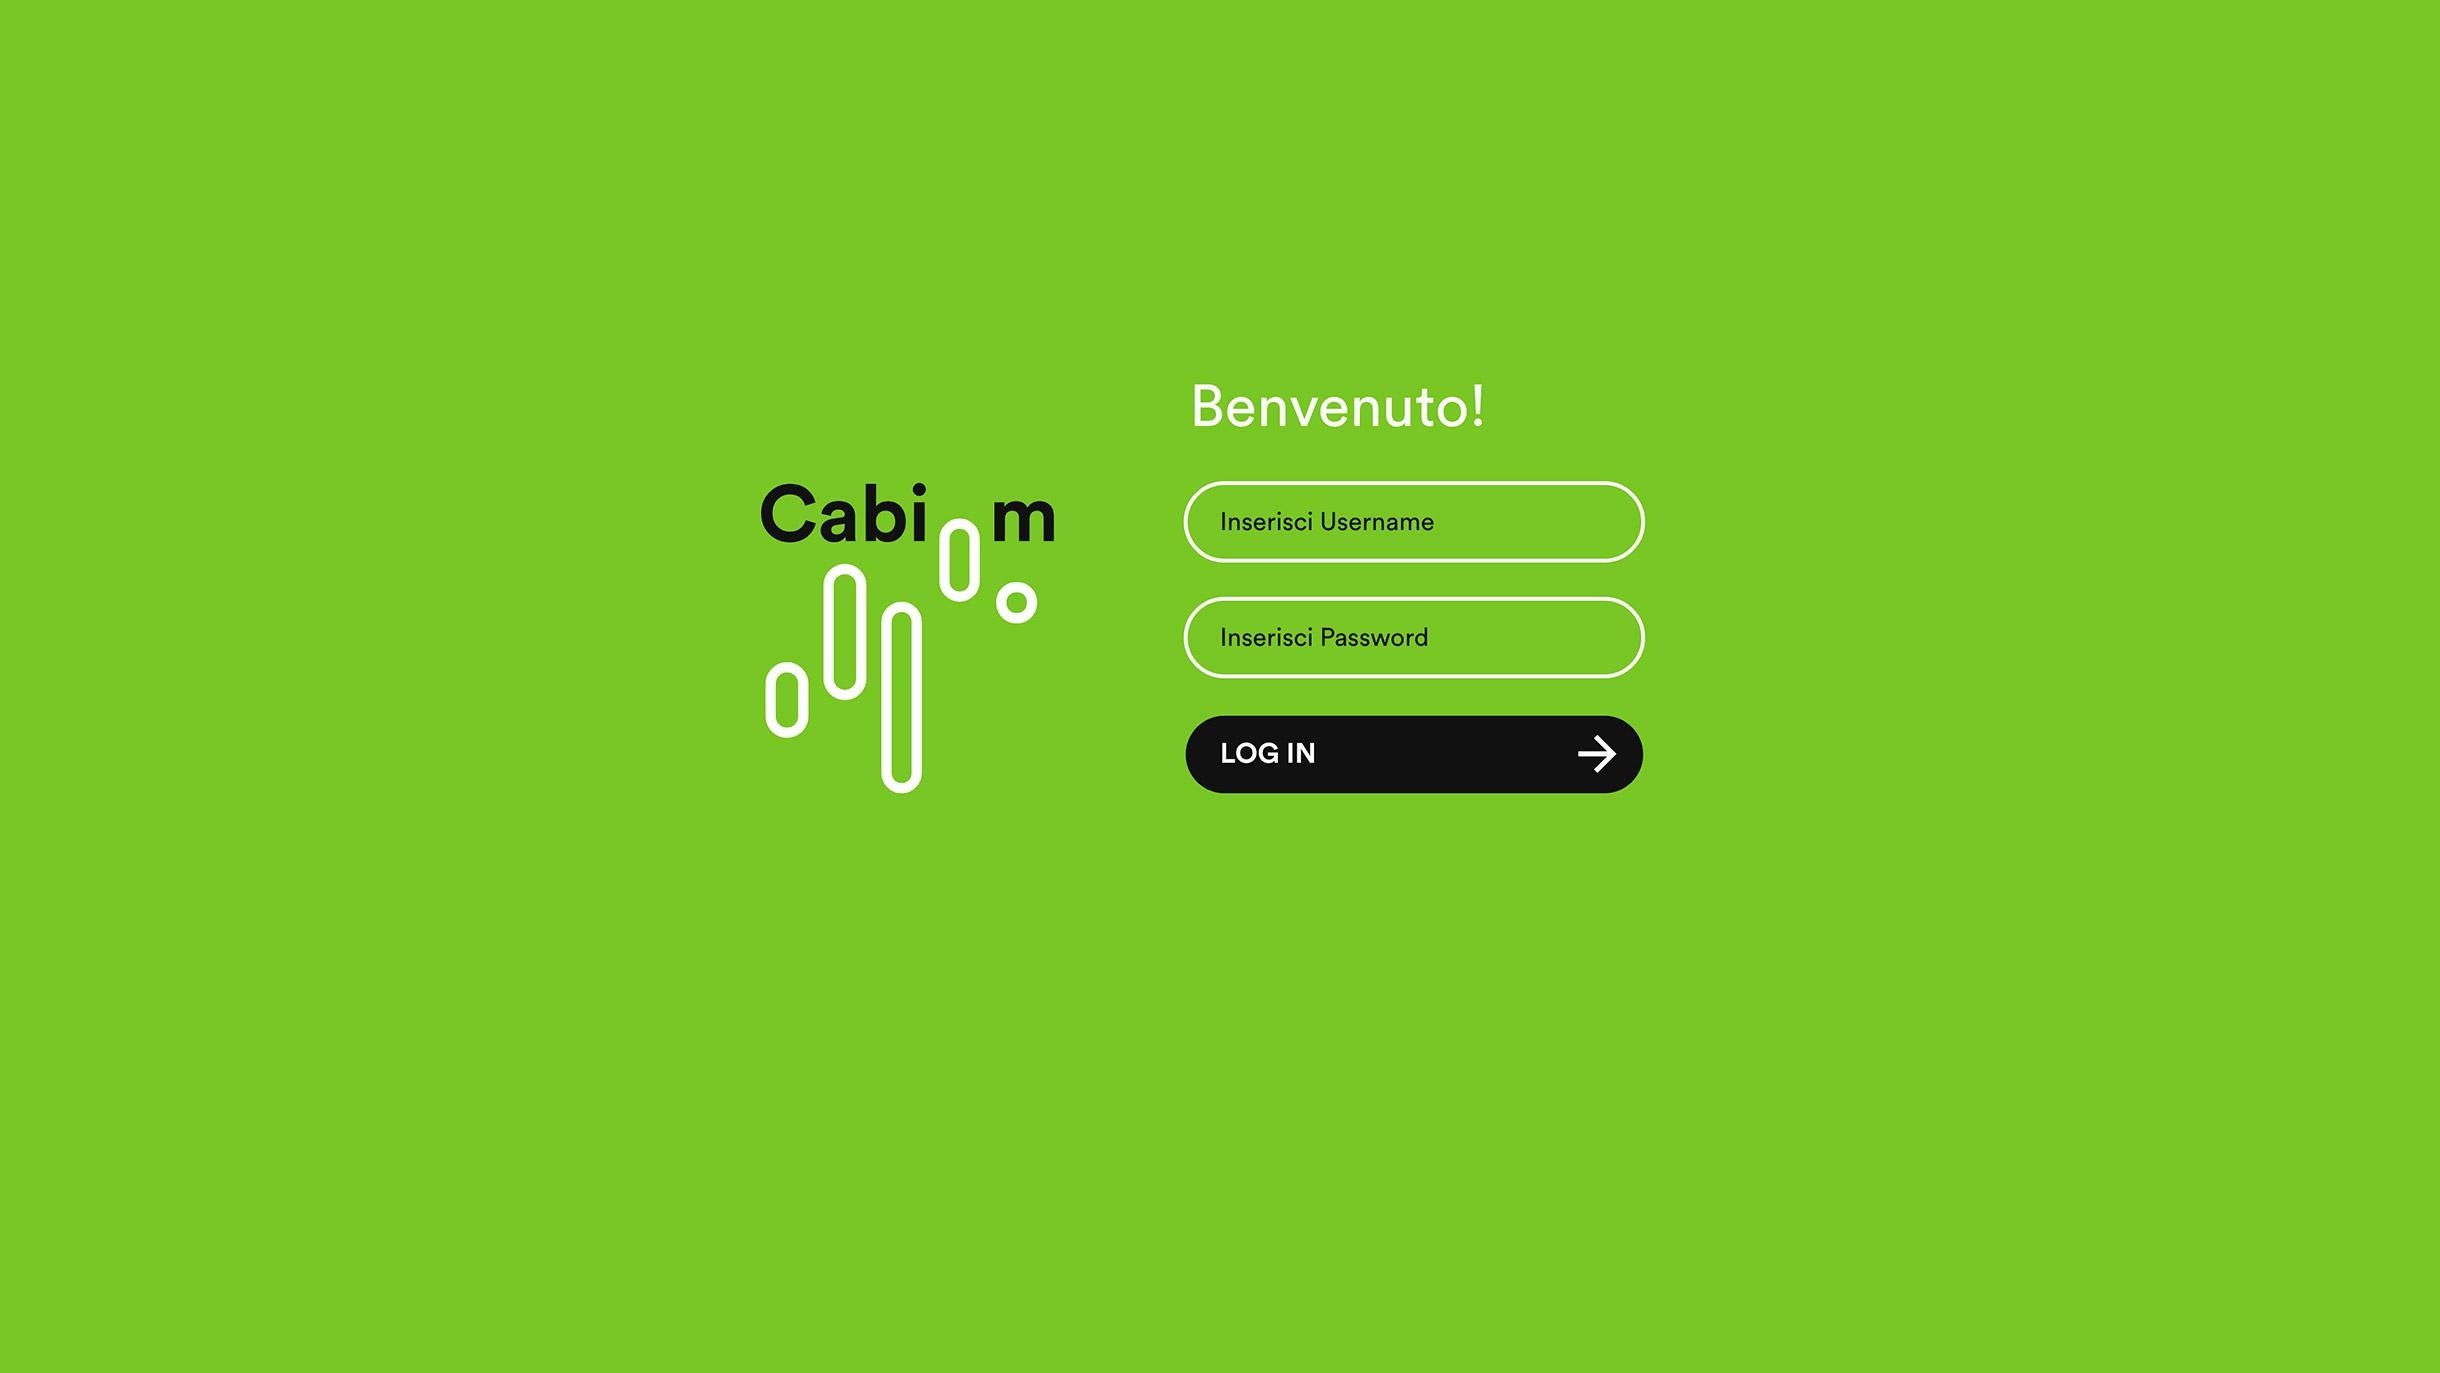 dotit-cabiom-1